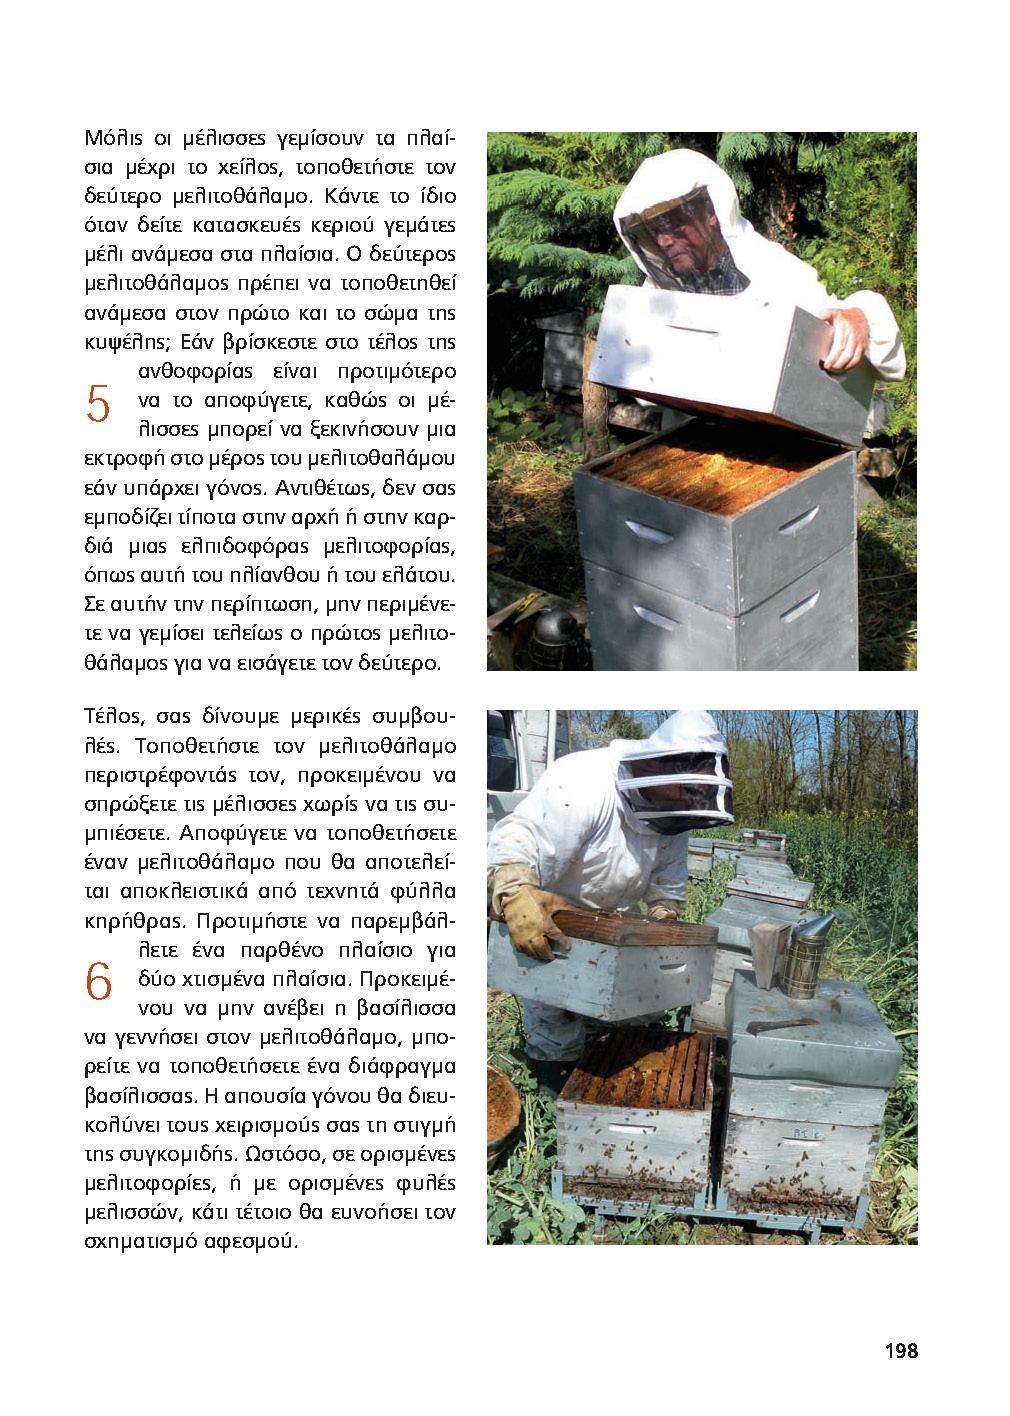 Η τοποθέτηση ενός μελισσοθάλαμου